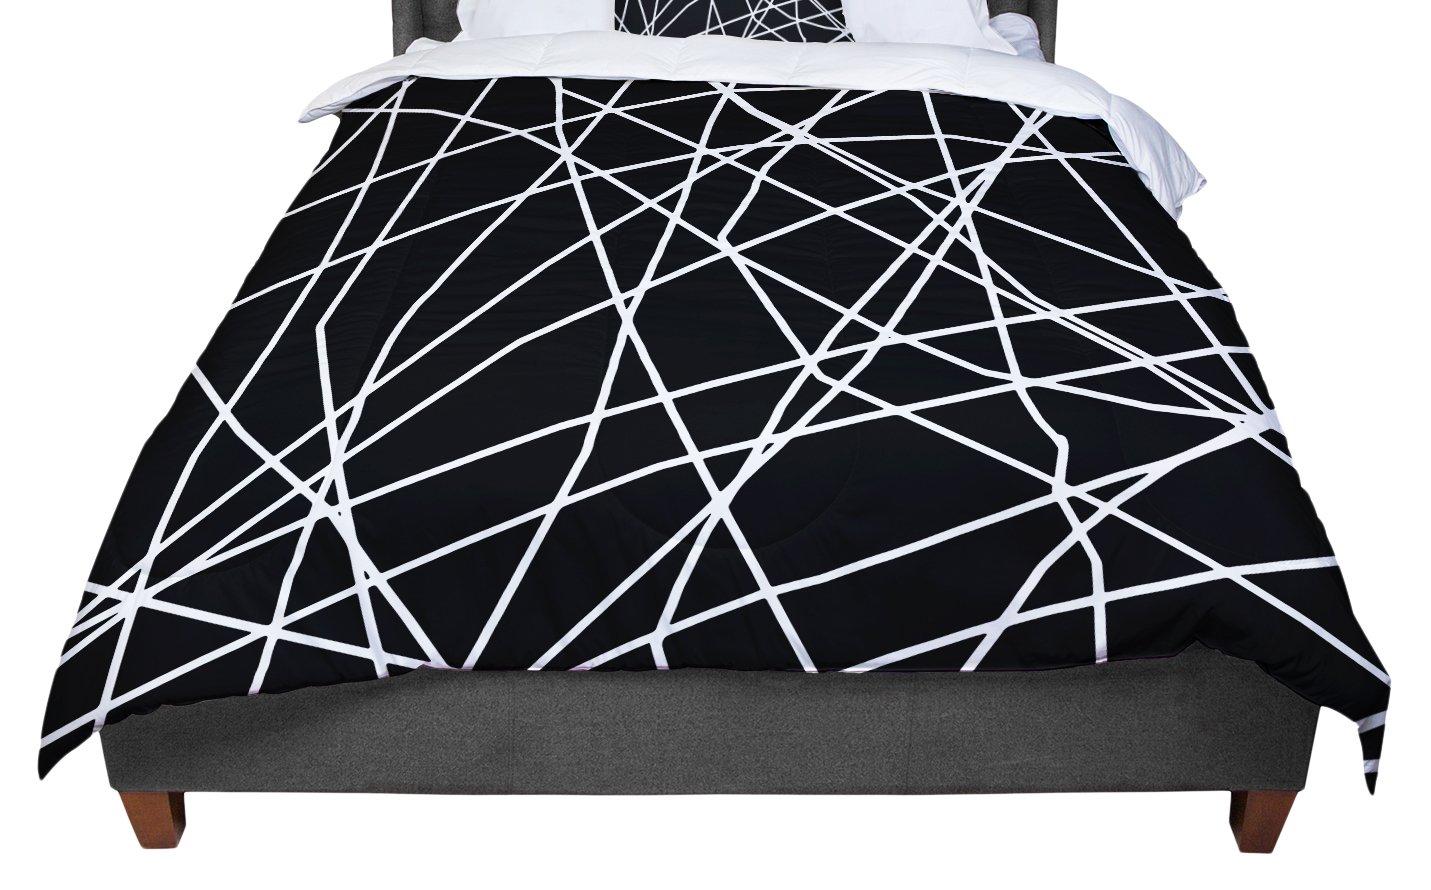 KESS InHouse Trebam Paucina Crazy Lines King Cal King Comforter 104 X 88